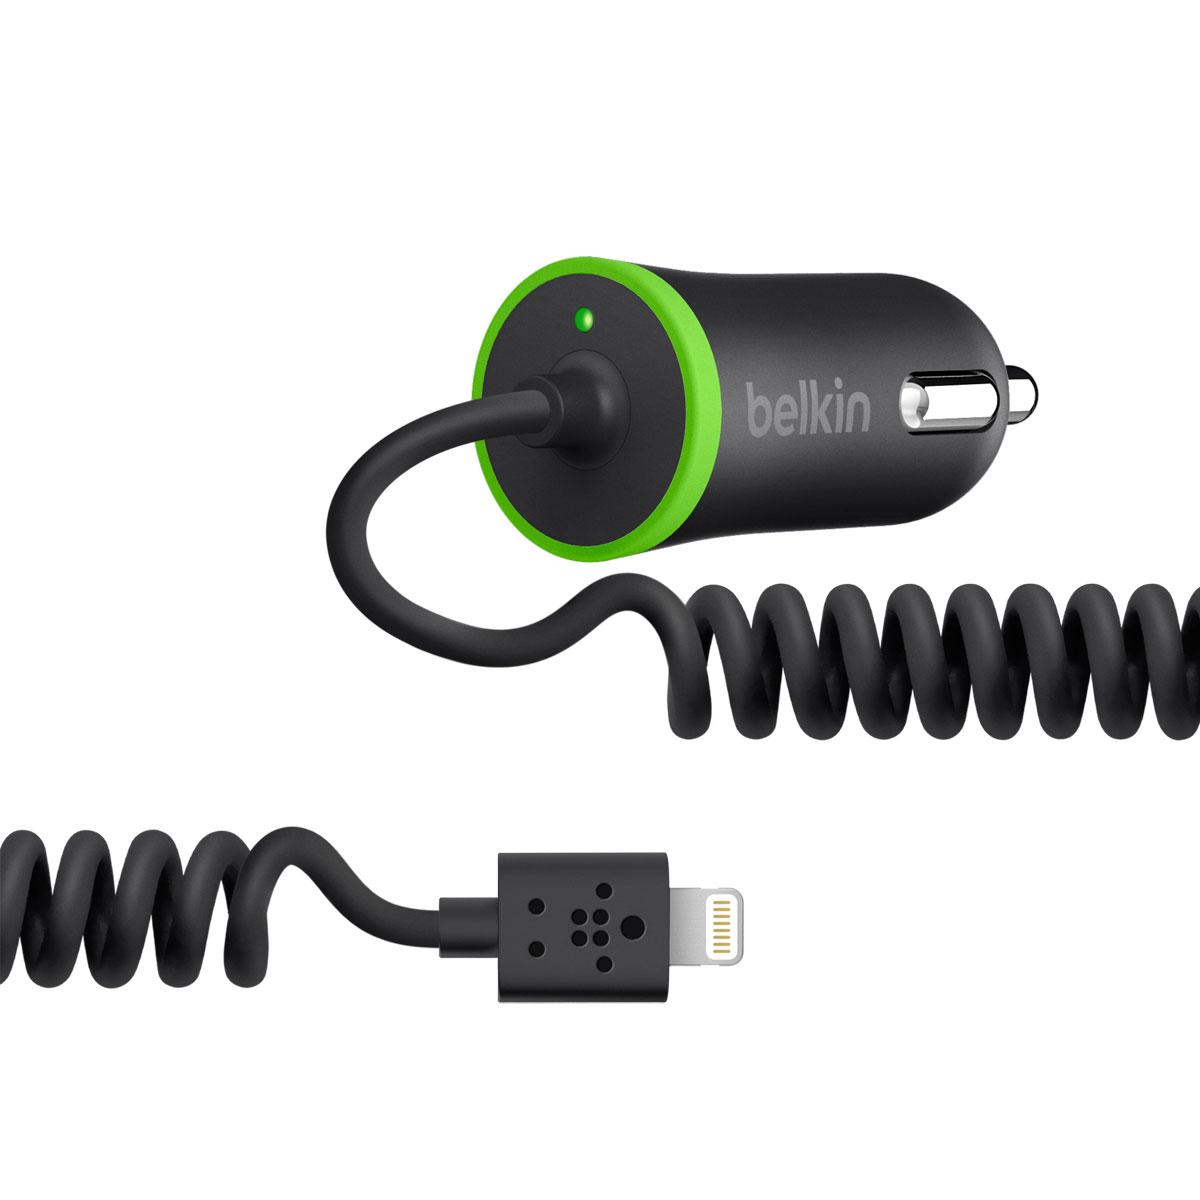 Chargeur téléphone Belkin Chargeur de voiture lighning 2,1 A - Noir Belkin Chargeur de voiture lighning 2,1 A - Noir